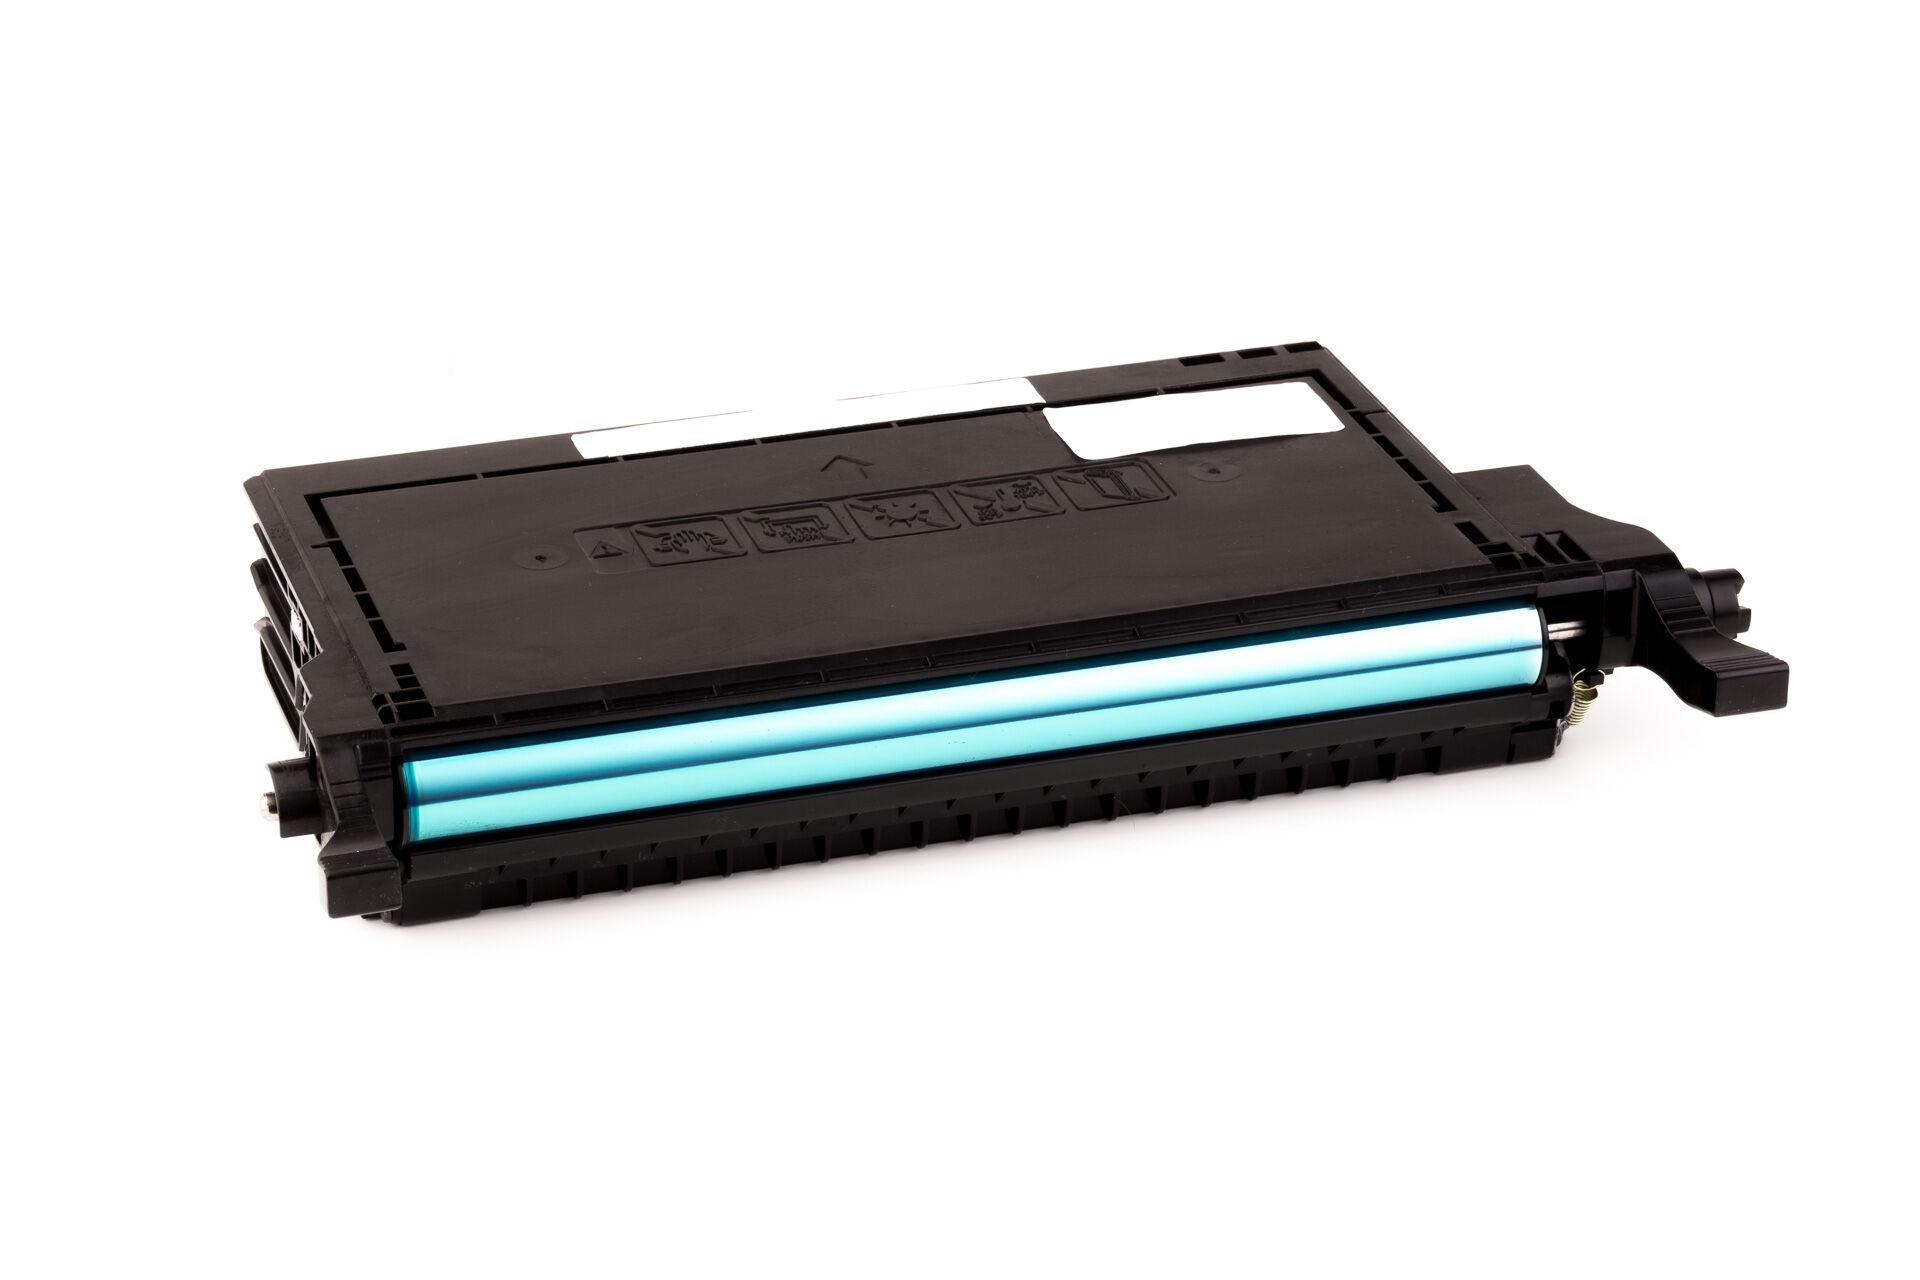 Dell Cartouche de Toner pour Dell 59310368 / R717J noir compatible (de marque ASC)